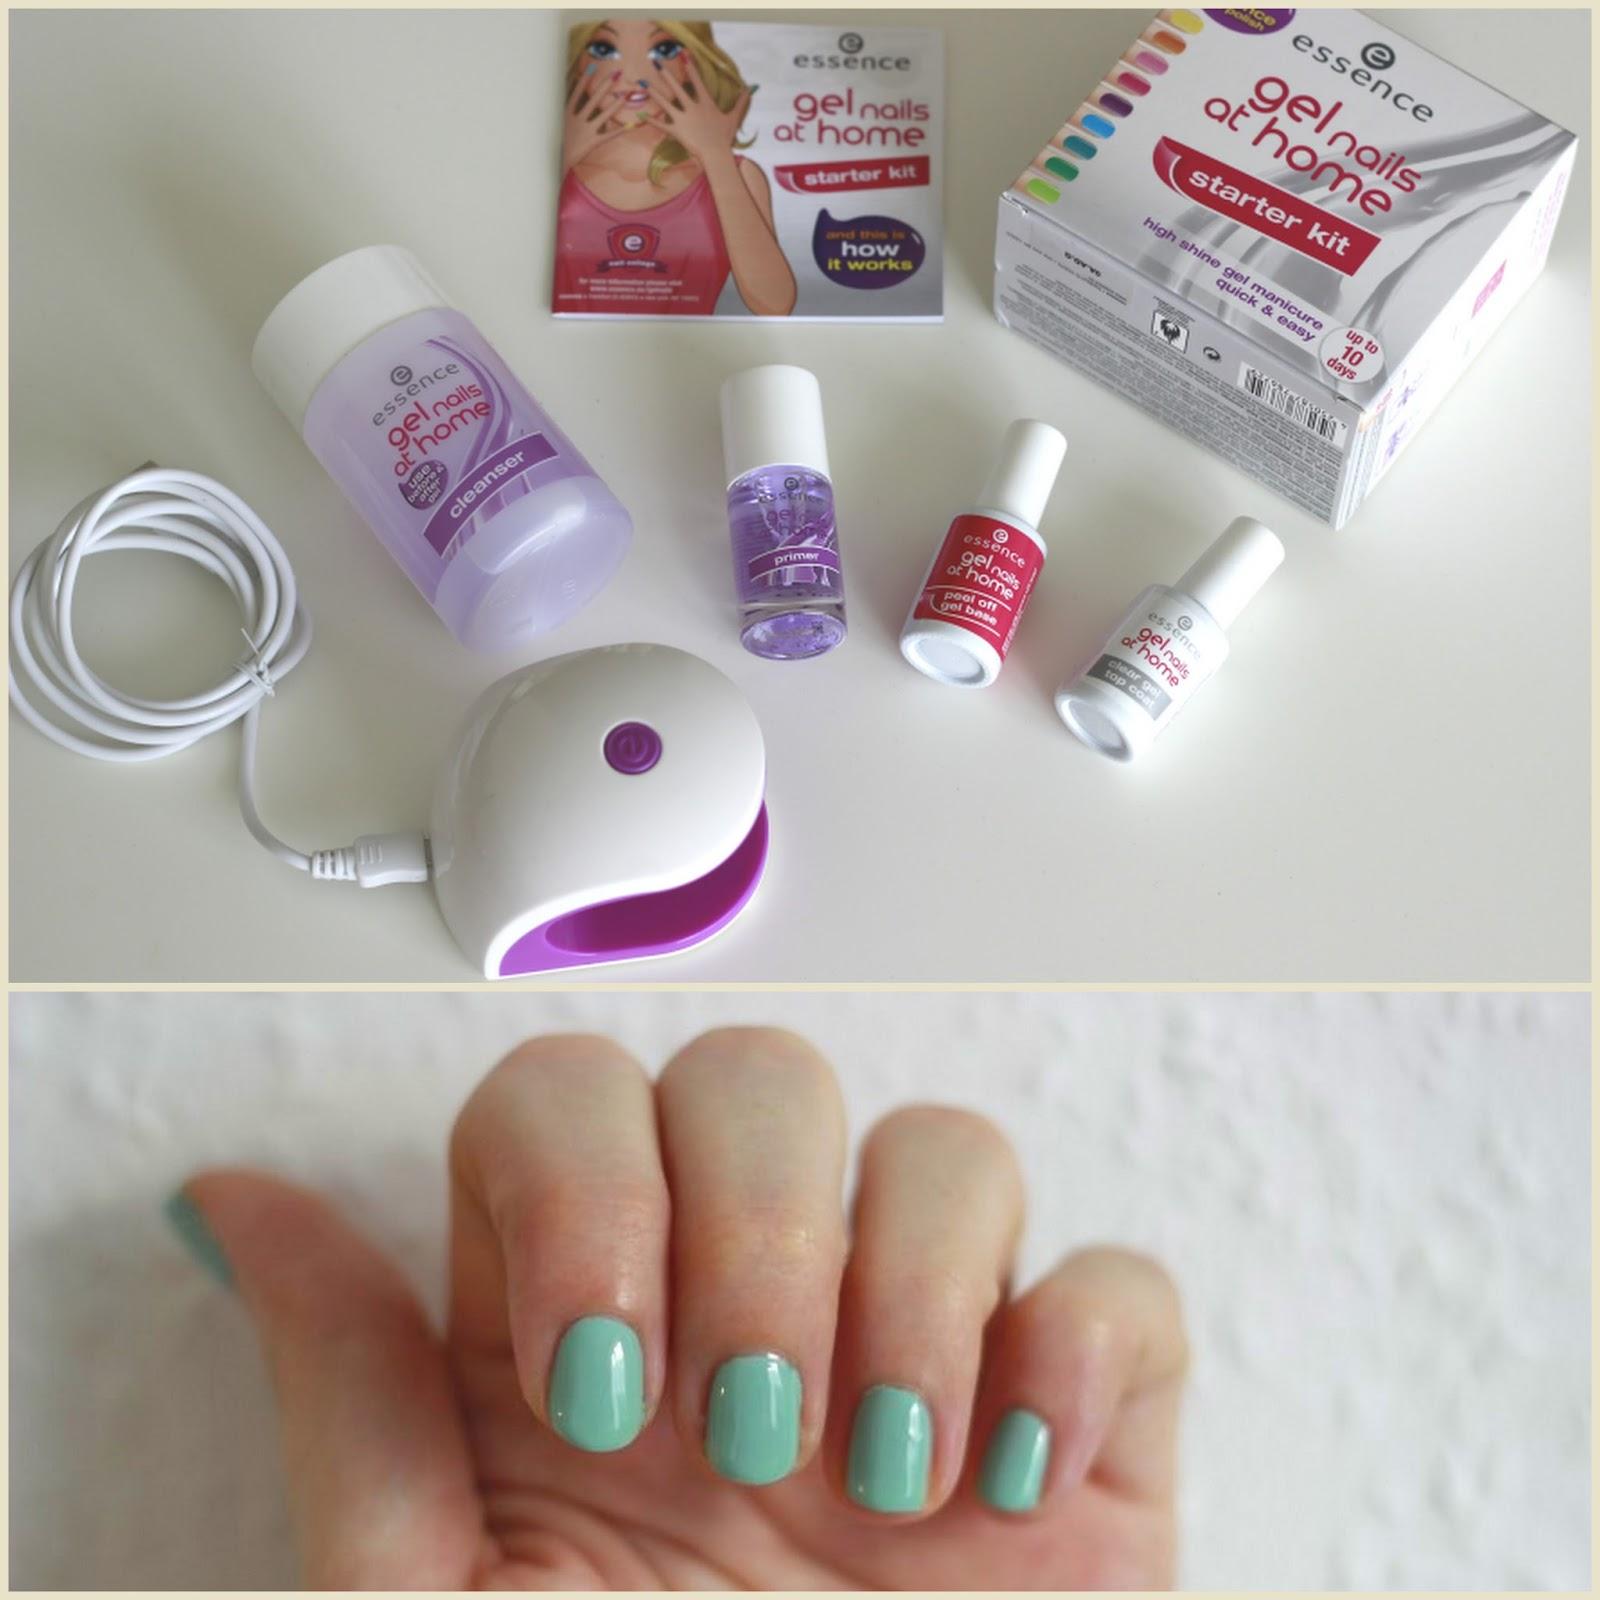 Lepesrol Lepesre Essence Gel Nails At Home Szett For Her Blog